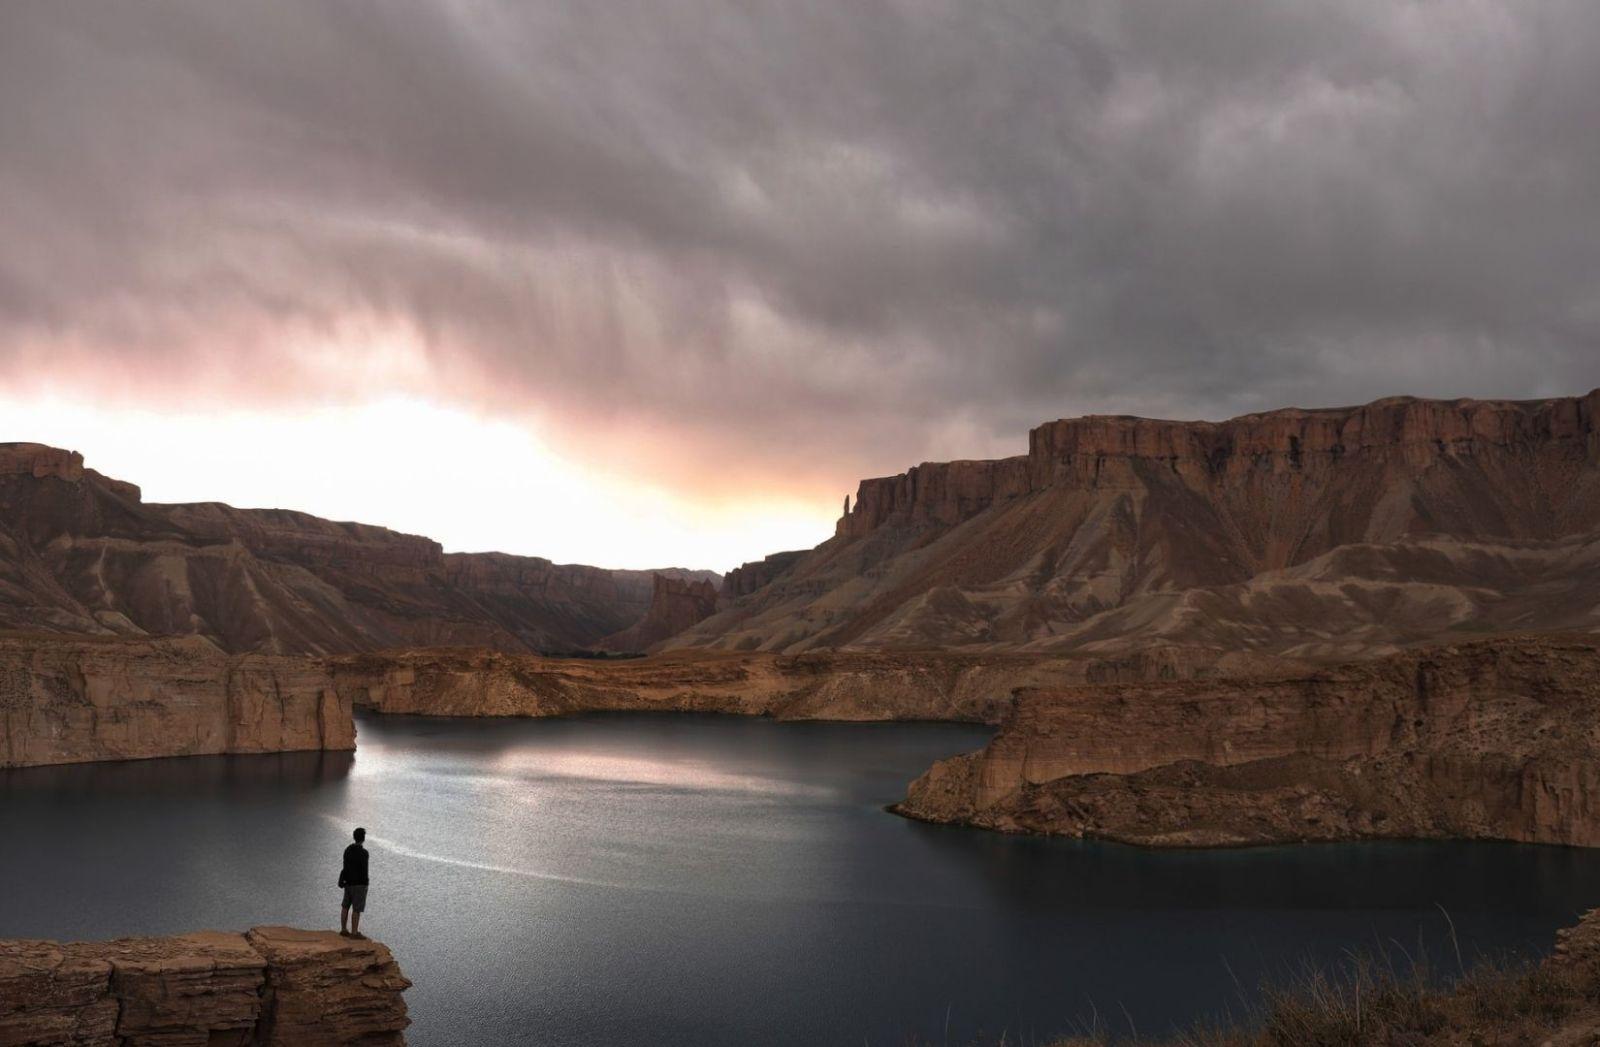 Band-e Amir in Afghanistan, wo seit über 40 Jahren Krieg oder Bürgerkrieg herrscht. (Foto: Nasim Dadfar, Unsplash.com)